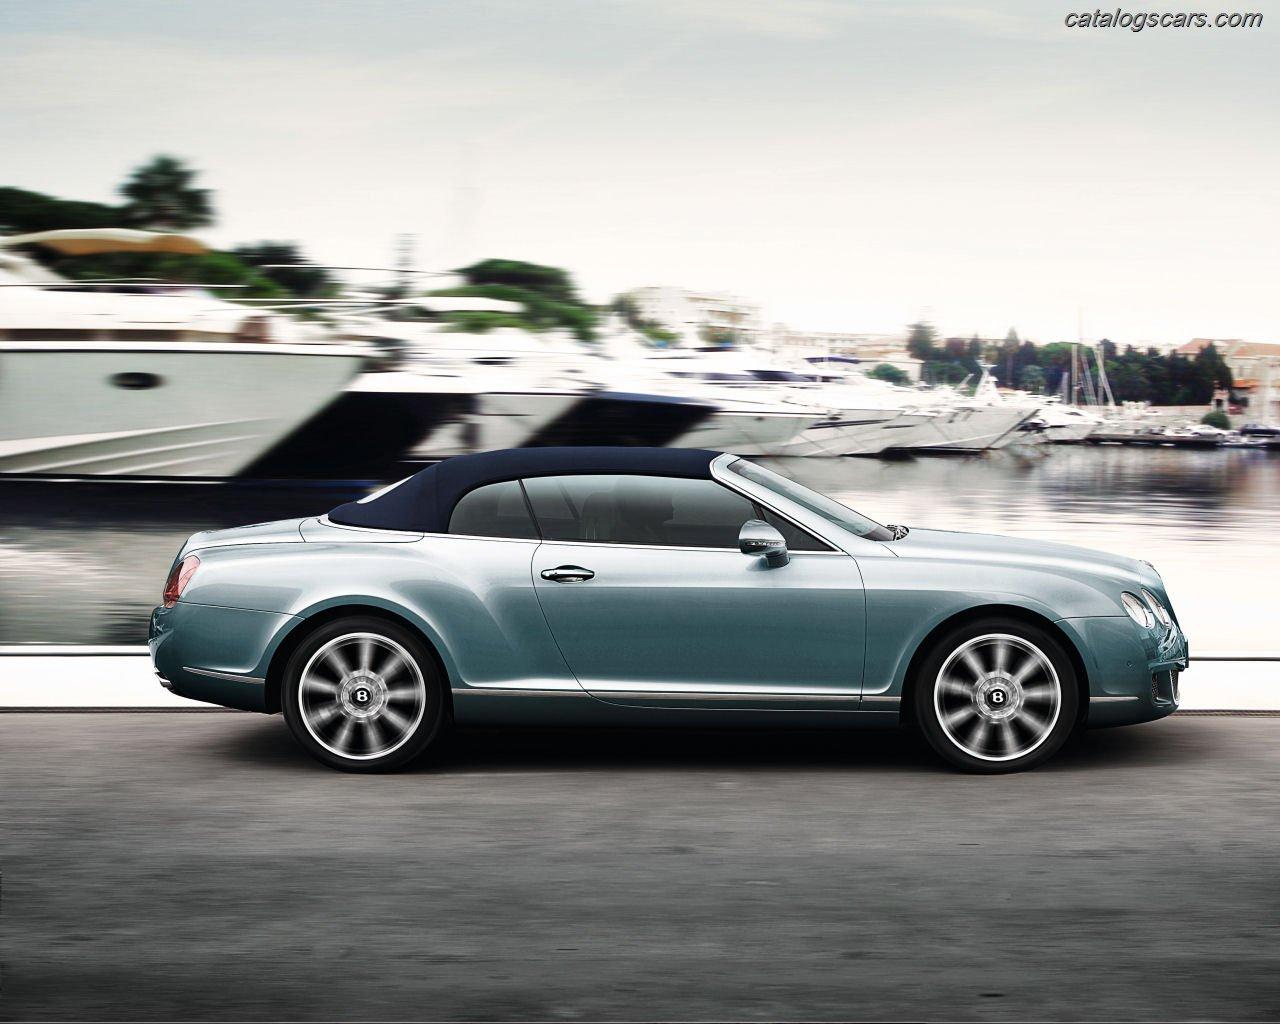 صور سيارة بنتلى كونتيننتال جى تى سى 2015 - اجمل خلفيات صور عربية بنتلى كونتيننتال جى تى سى 2015 - Bentley Continental Gtc Photos Bentley-Continental-Gtc-2011-05.jpg